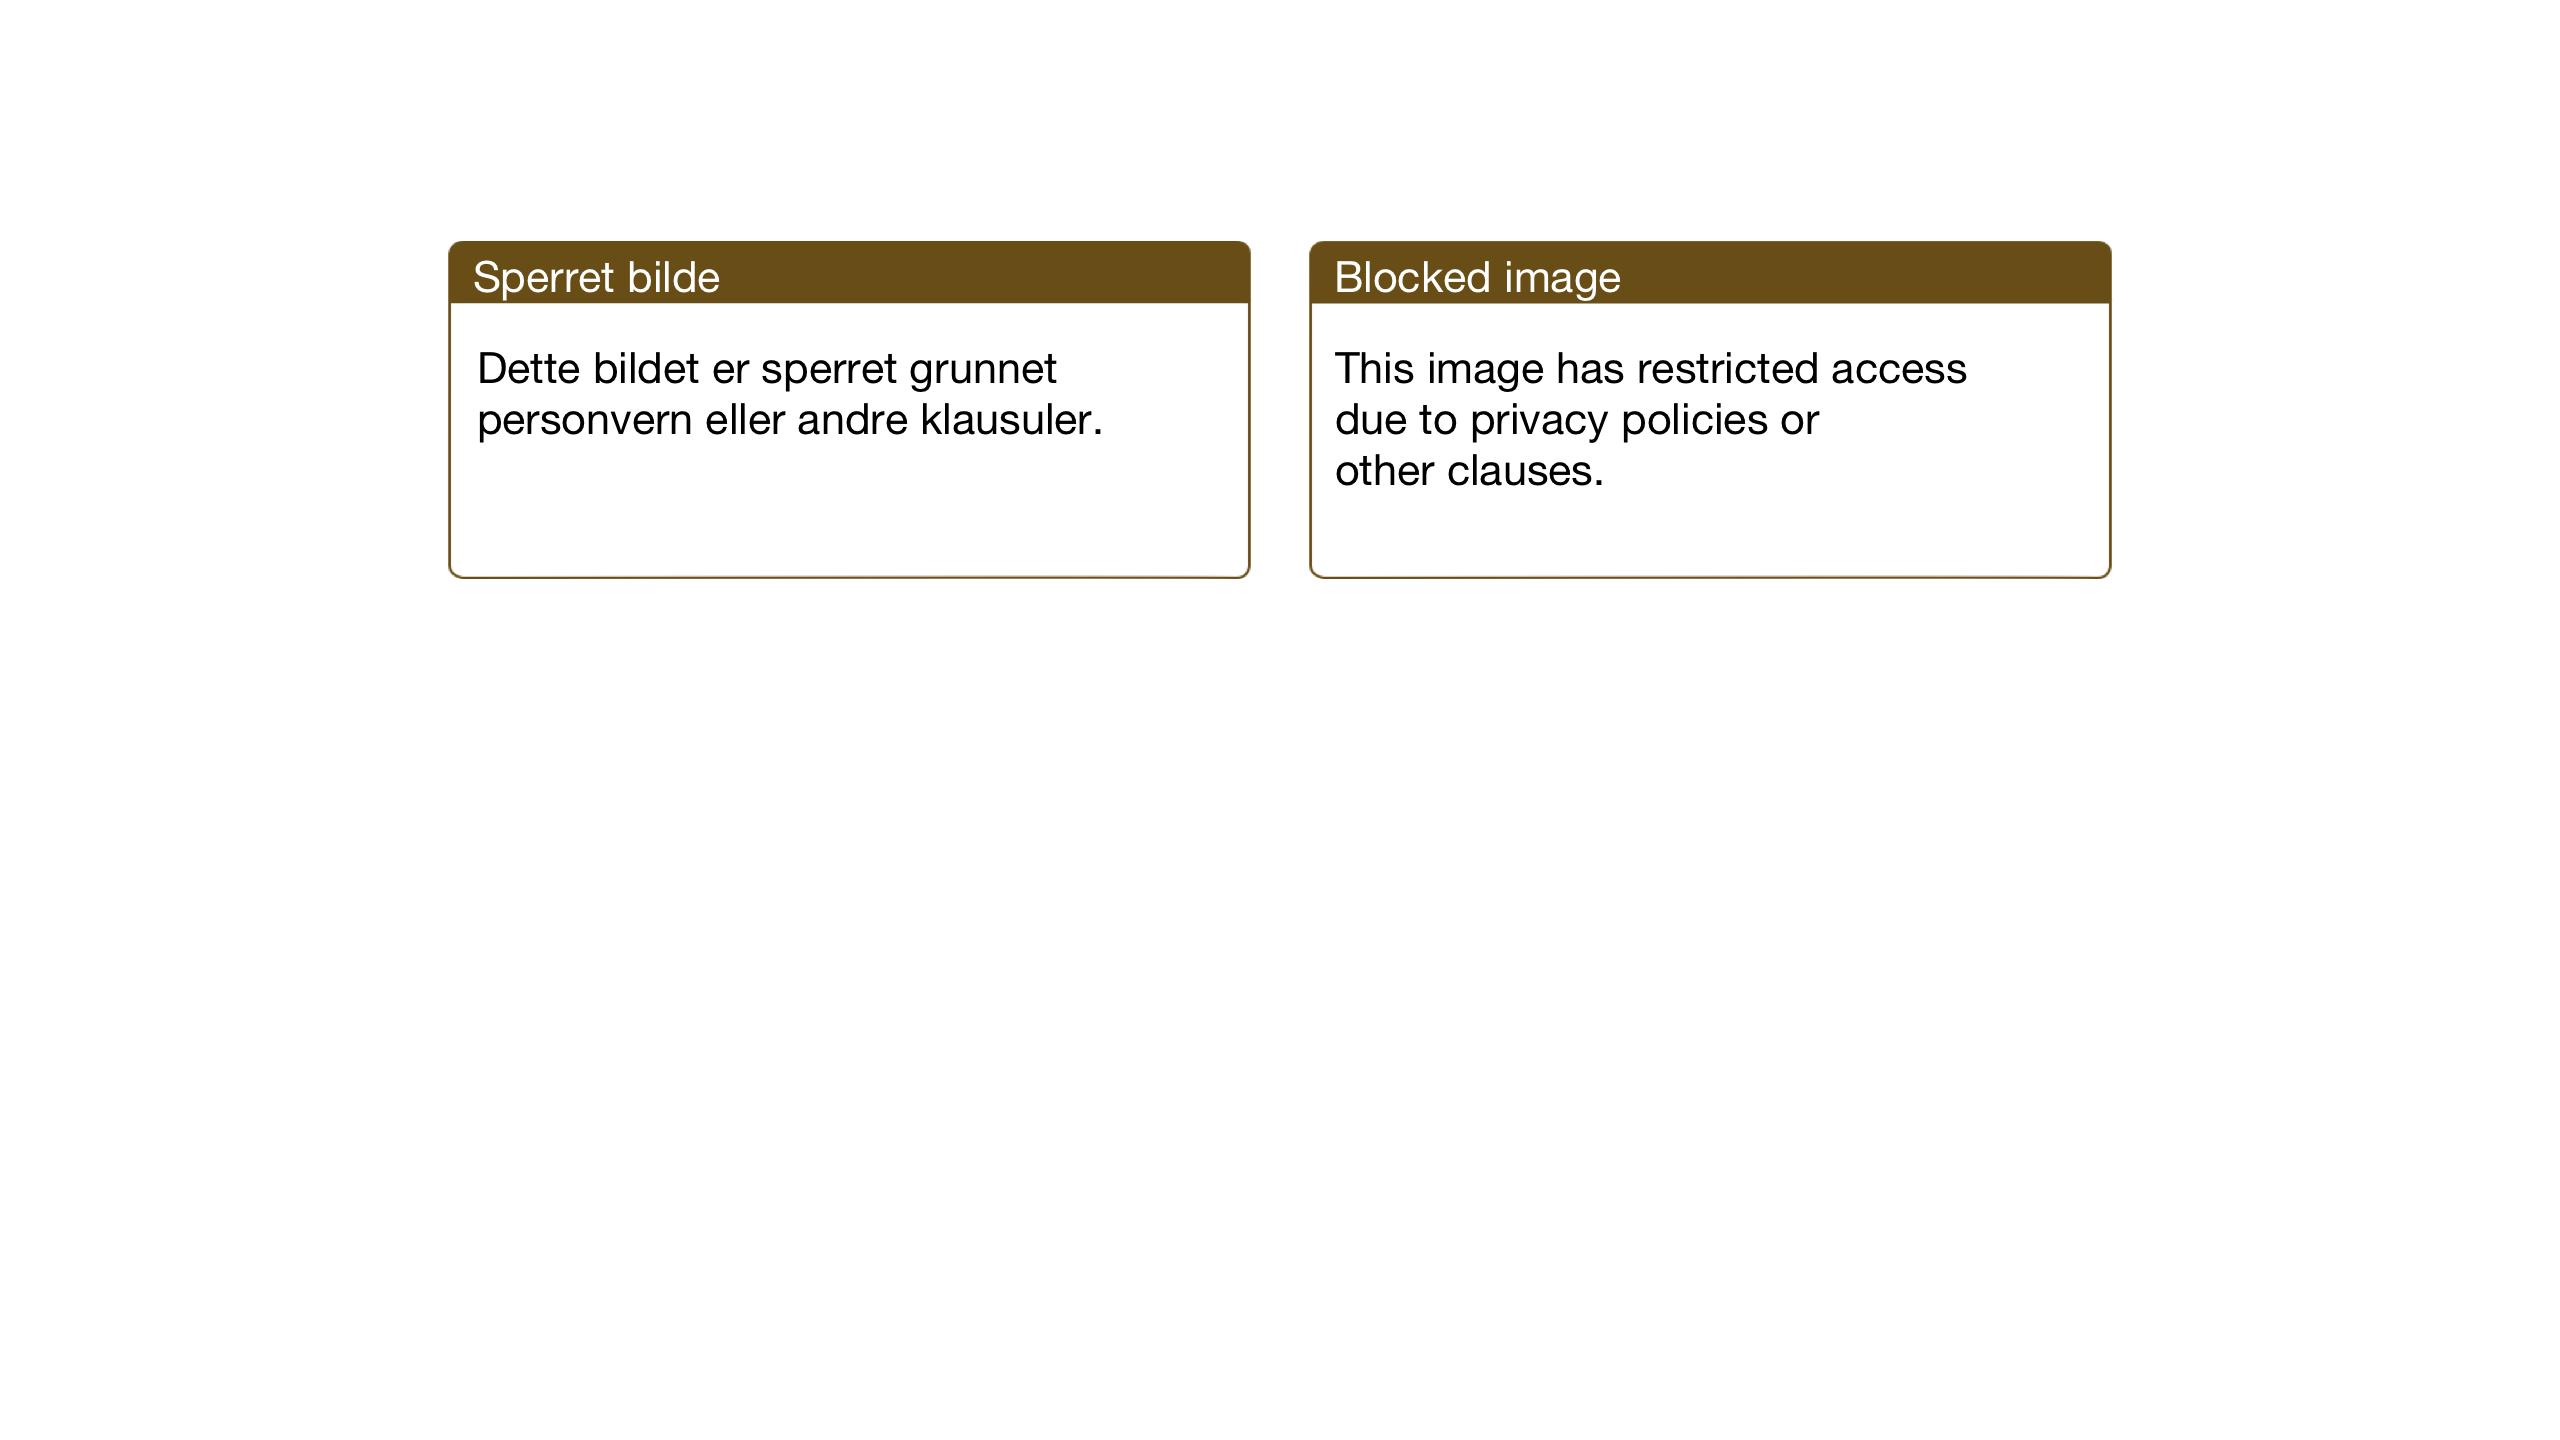 SAT, Ministerialprotokoller, klokkerbøker og fødselsregistre - Sør-Trøndelag, 641/L0599: Klokkerbok nr. 641C03, 1910-1938, s. 98